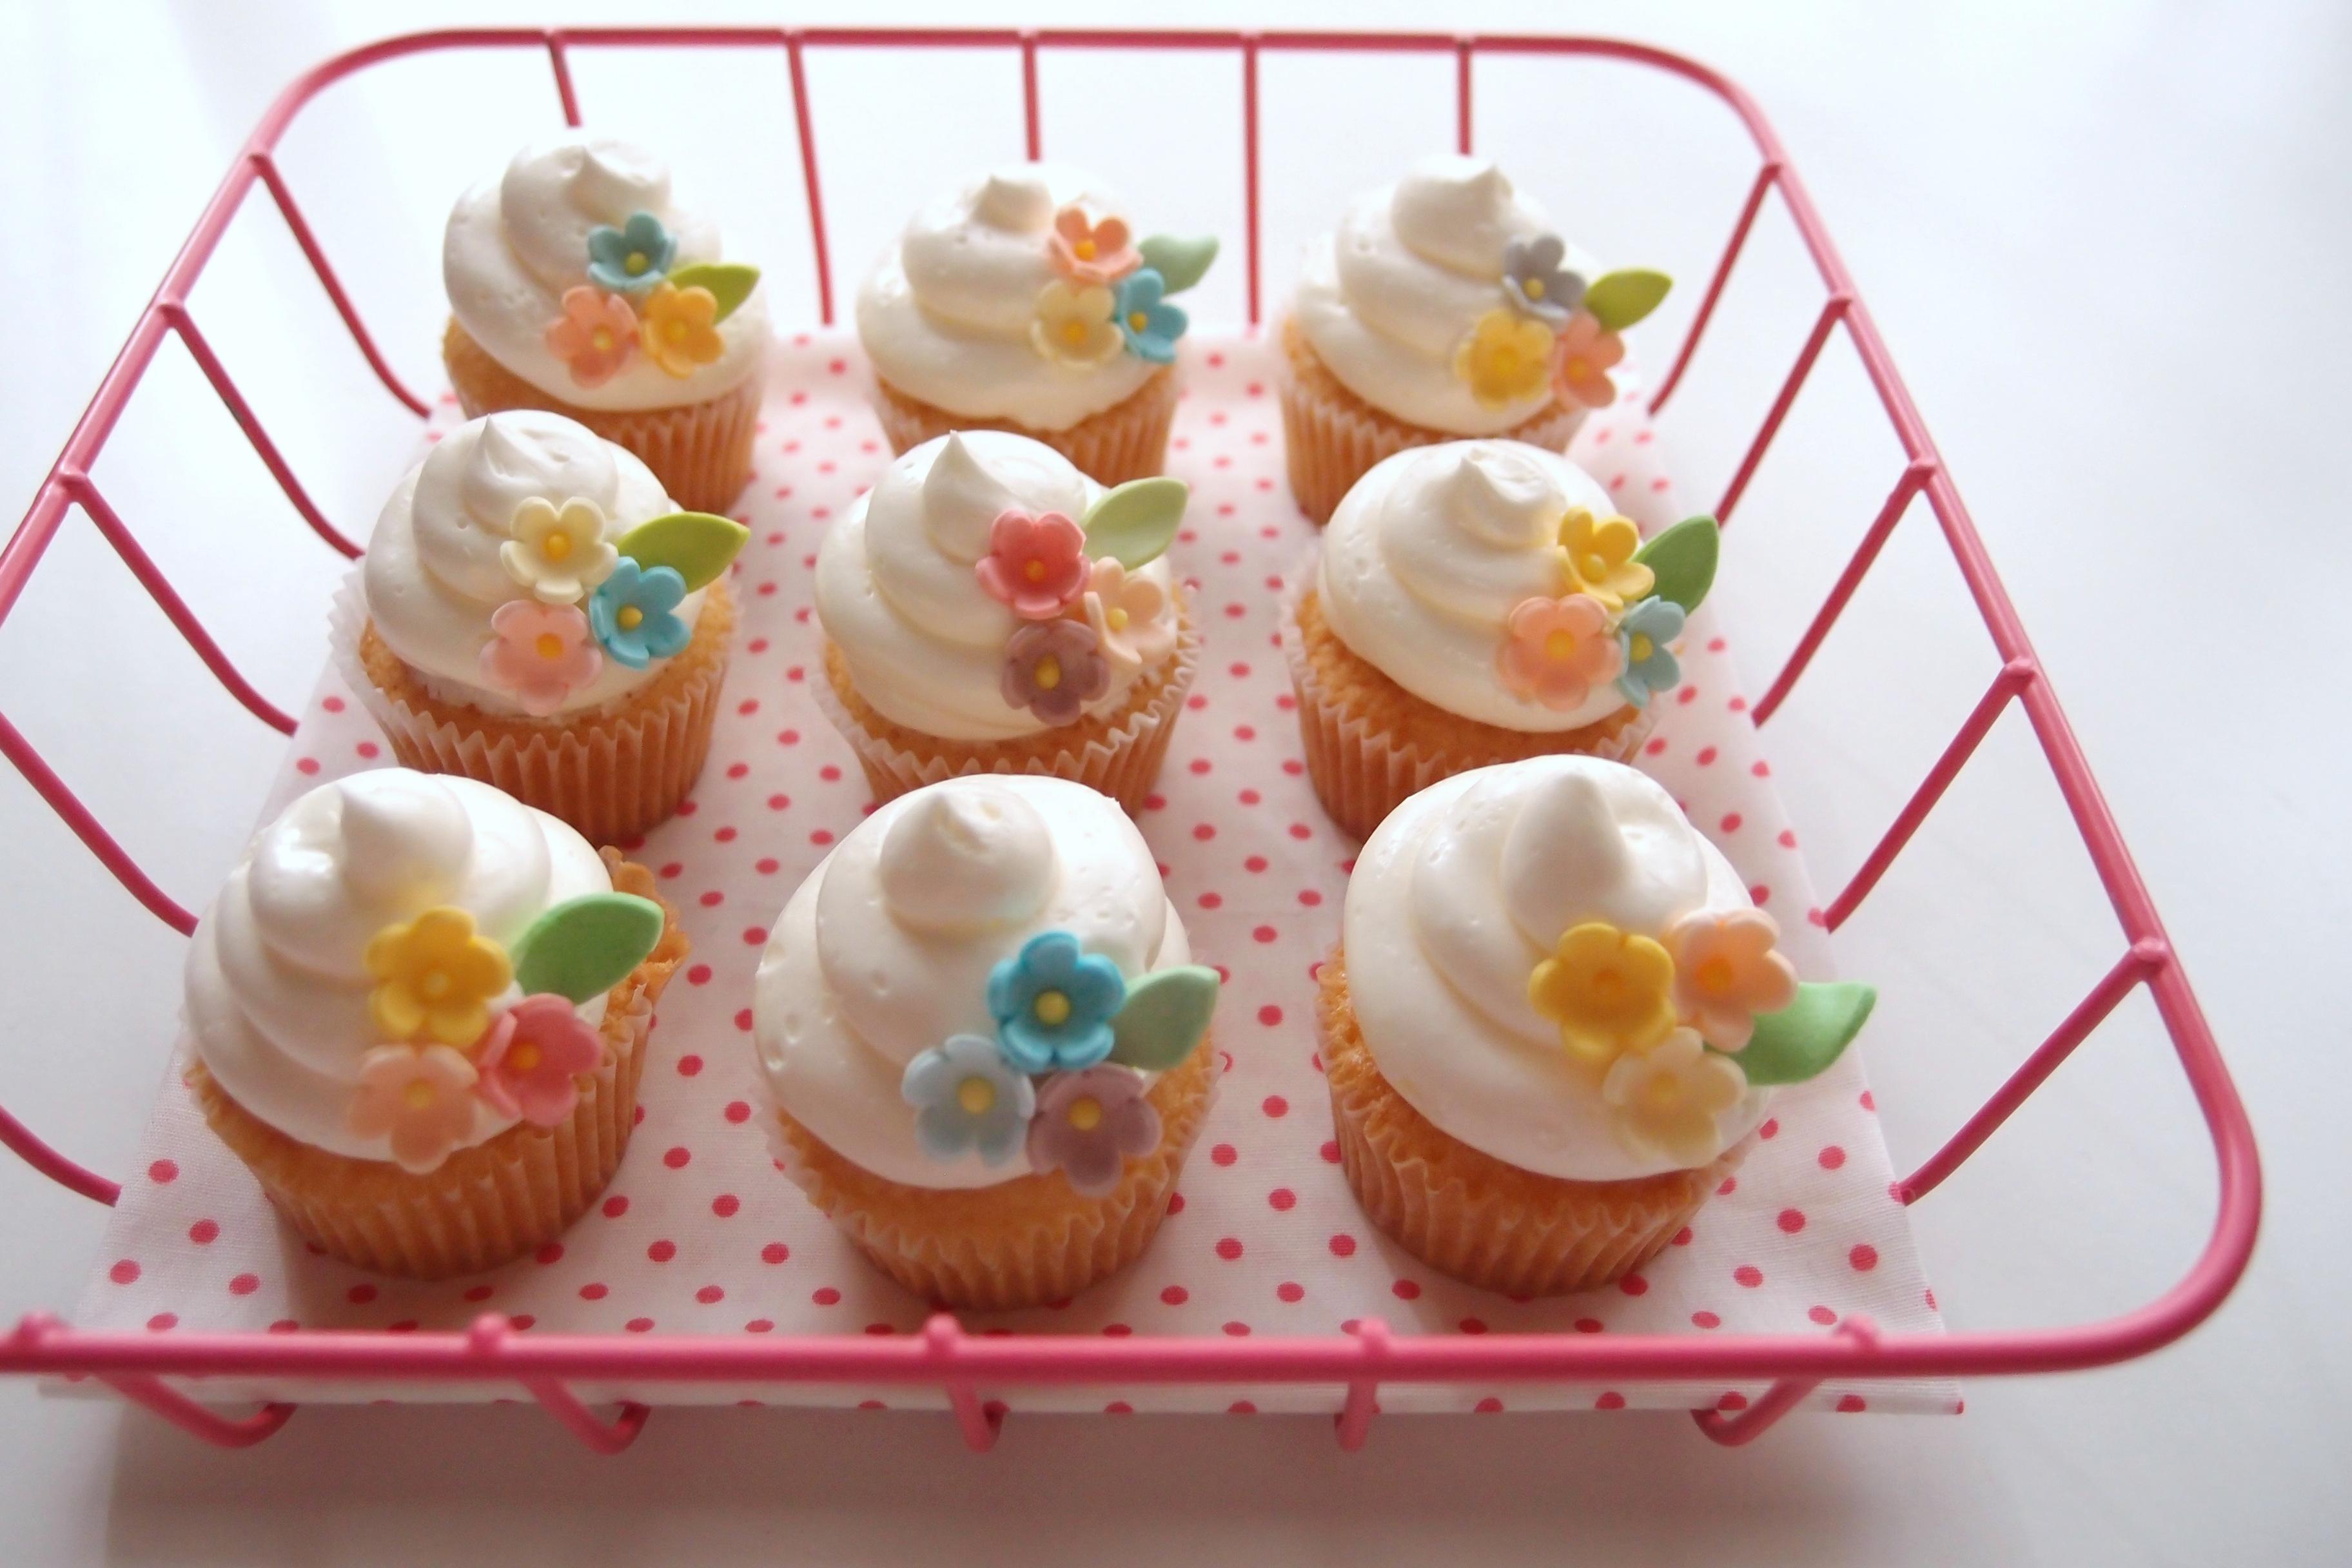 ウィルトンのミニカップケーキの型。一口サイズのかわいいカップケーキが作れます。